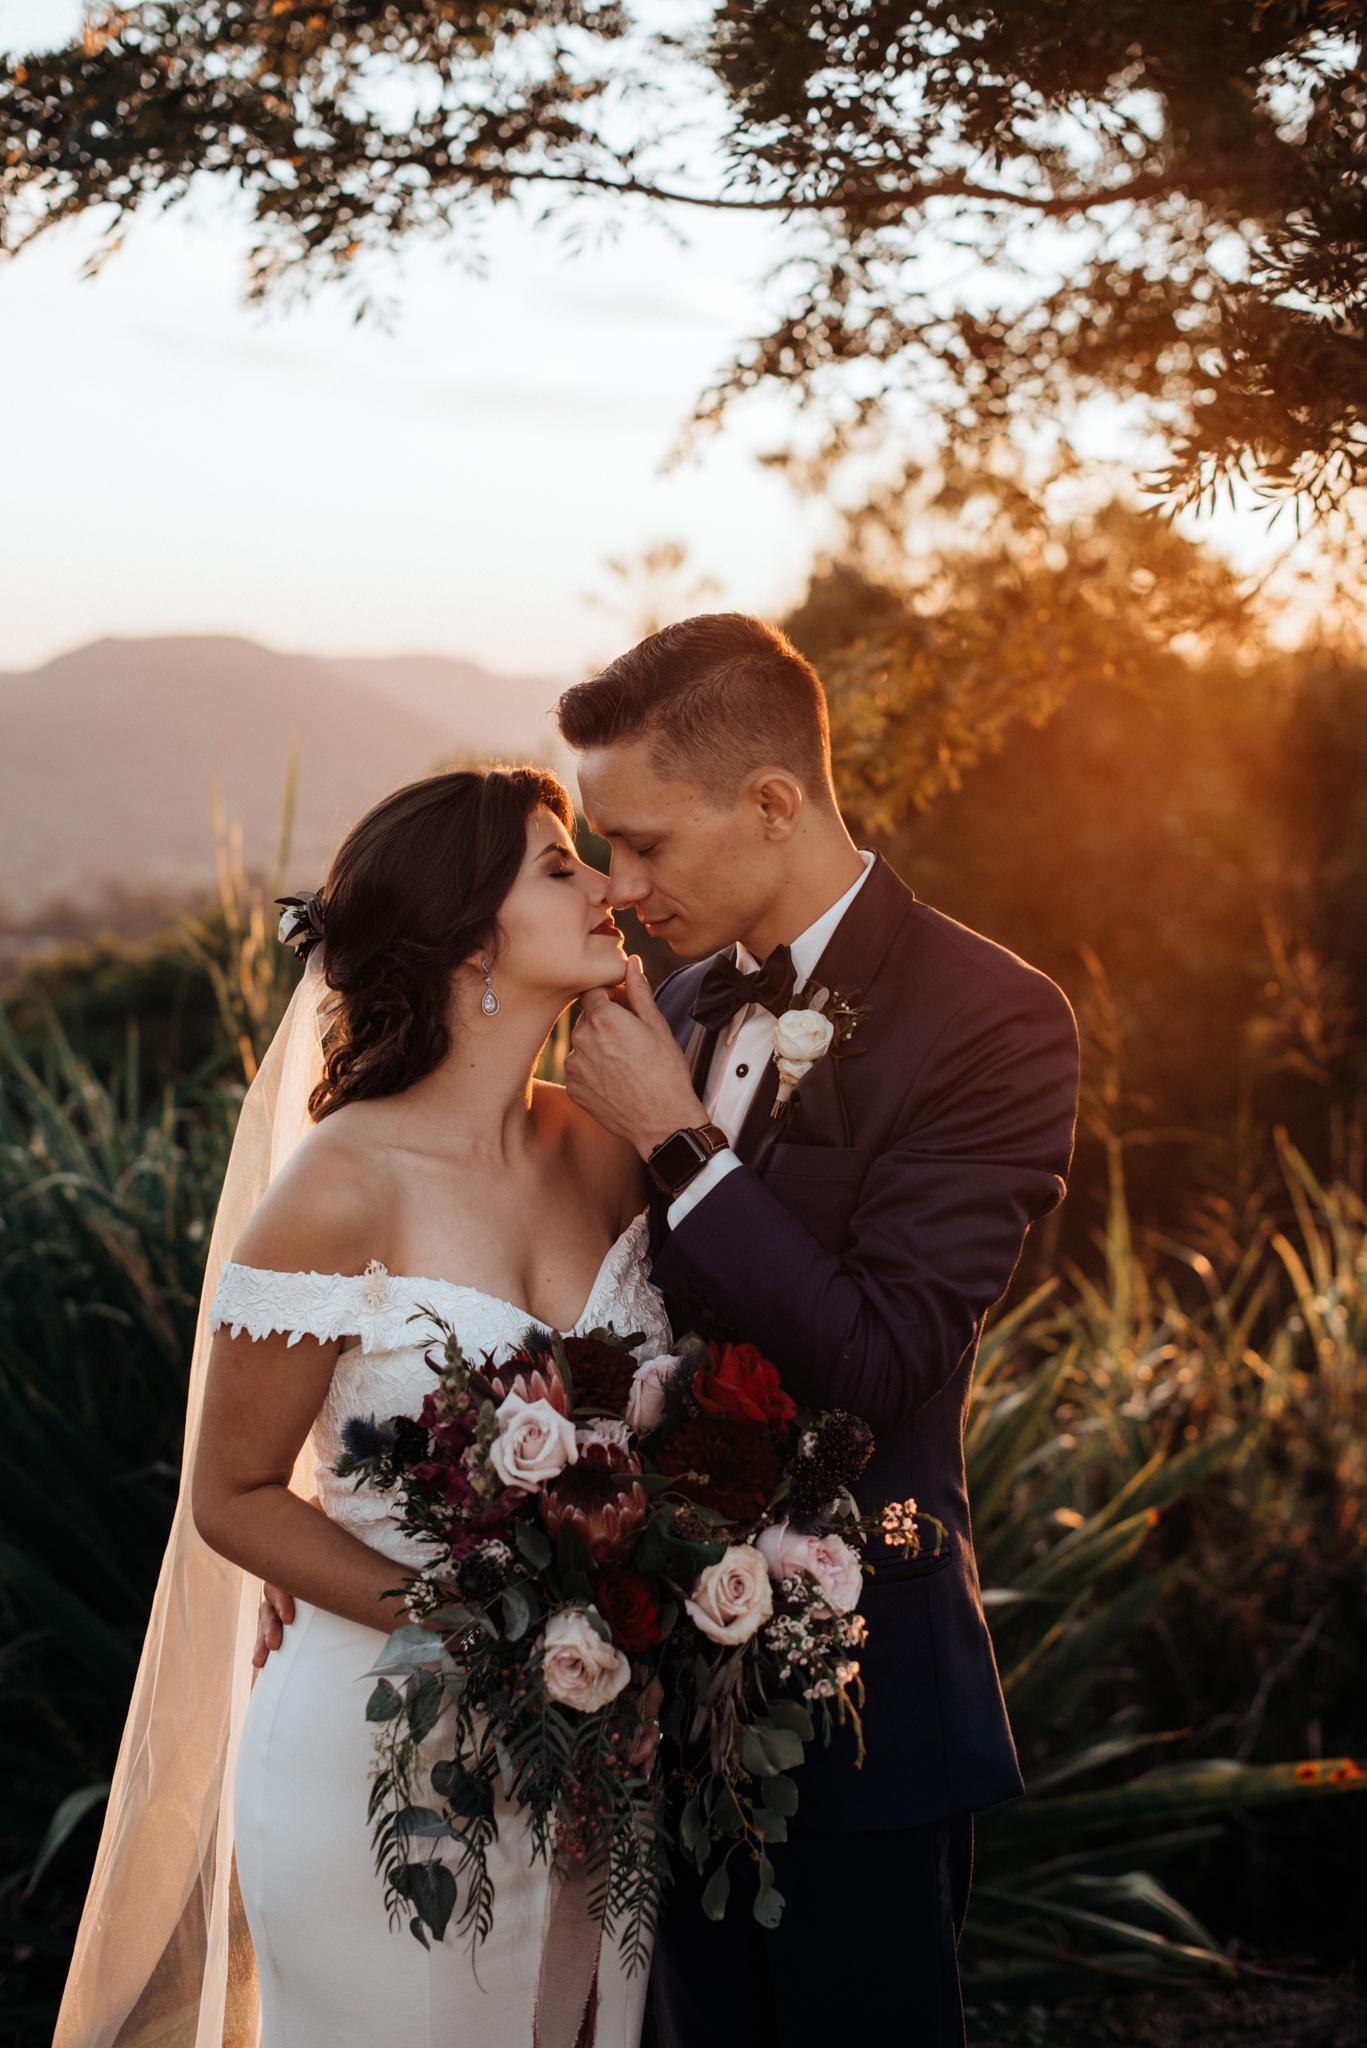 20181110 LOVELENSCAPES PHOTOGRAPHY • V+M • COOROY WEDDING • SUNSHINE COAST WEDDING PHOTOGRAPHER • 4 • 86.jpg